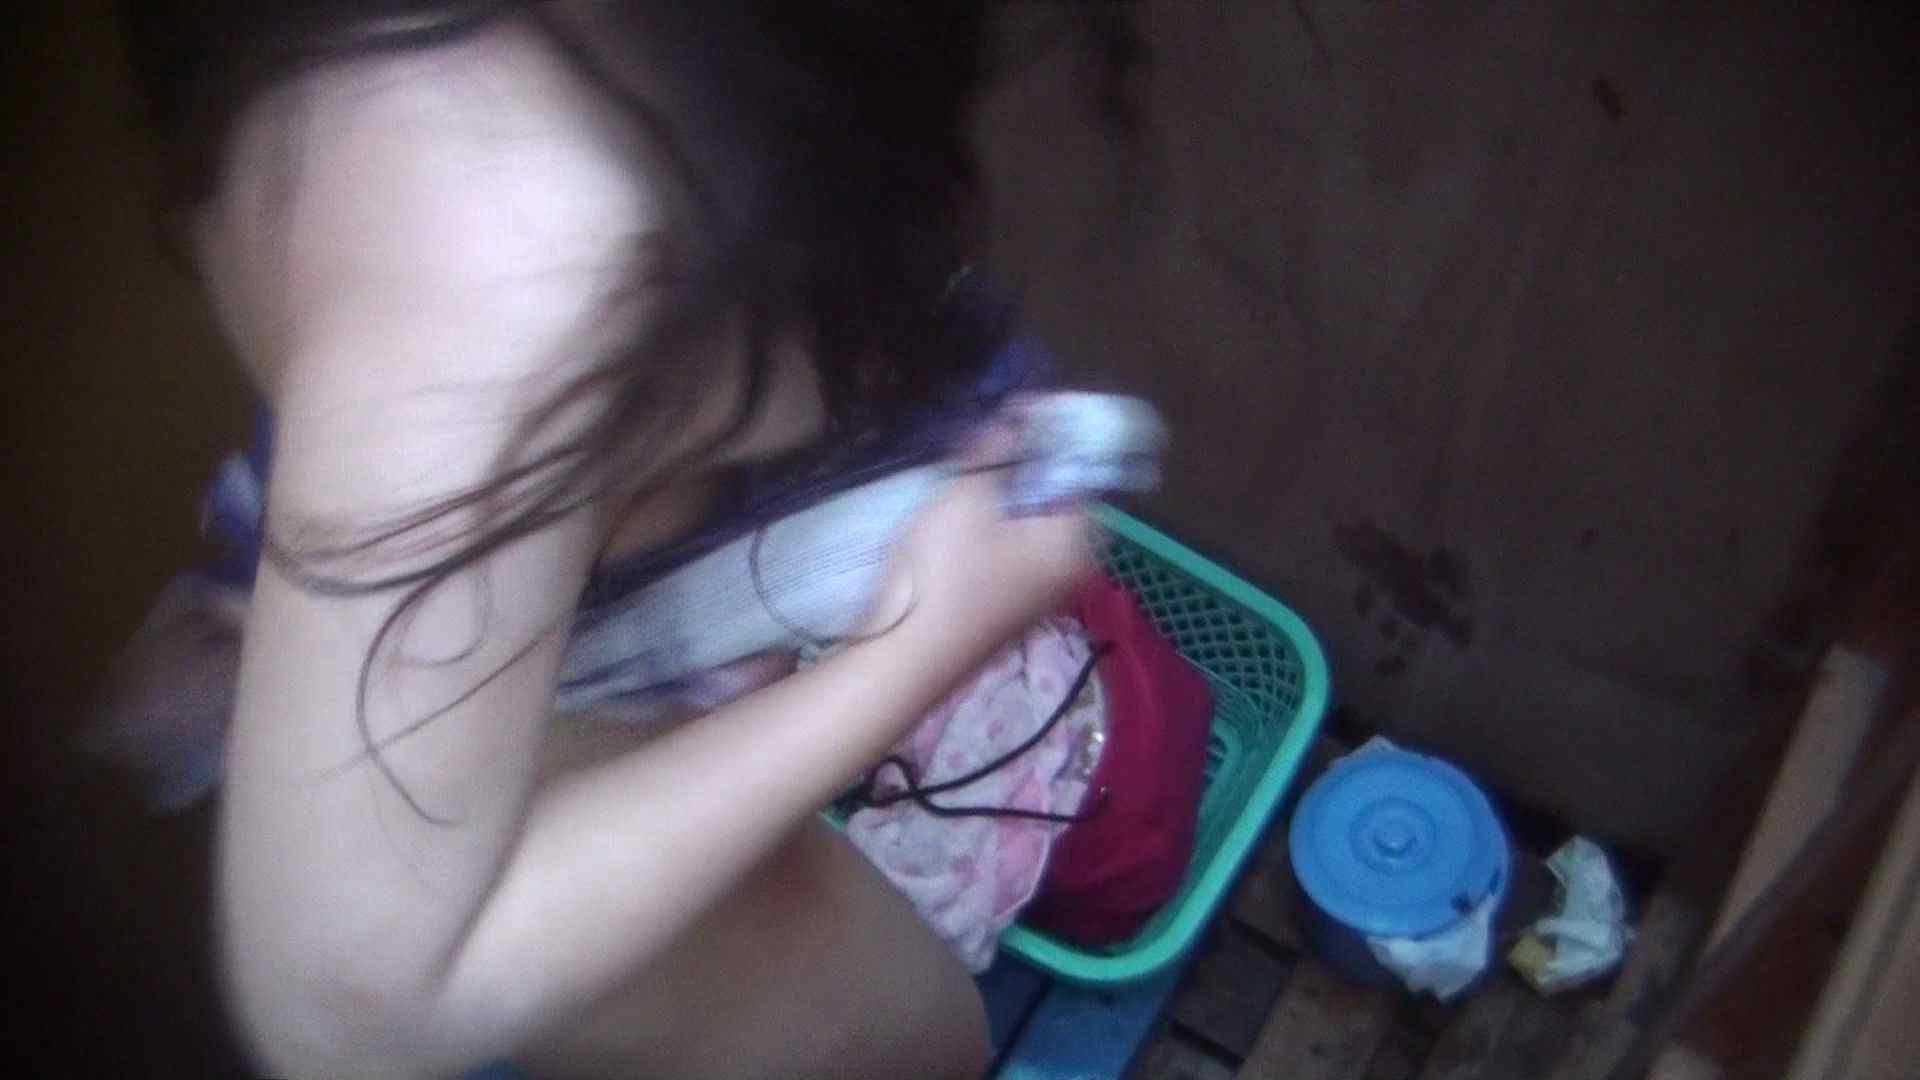 シャワールームは超!!危険な香りVol.13 ムッチムチのいやらしい身体つき 高画質  76pic 51